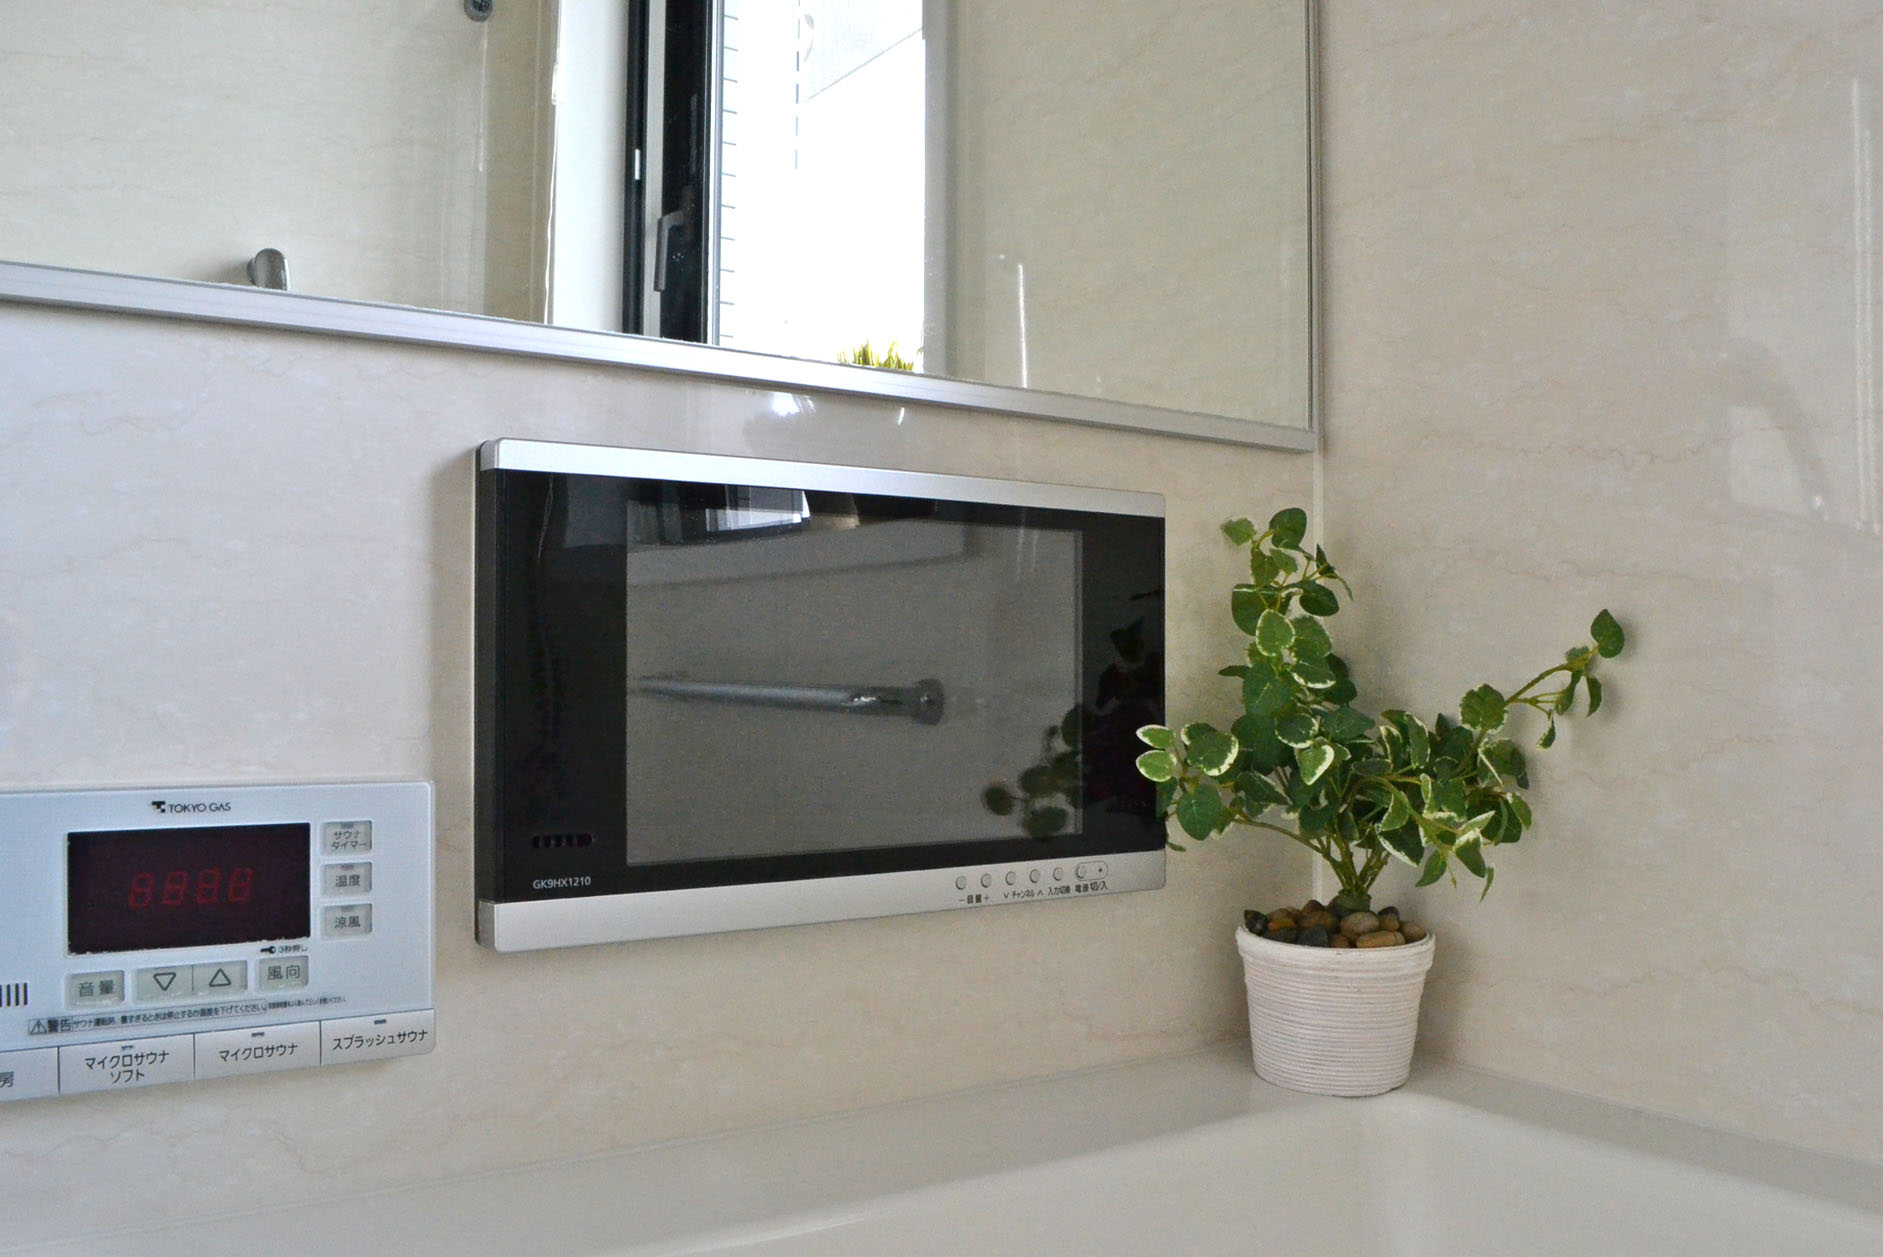 一日の疲れをとる大切な場所で好きな音楽を好きなテレビを視聴できる浴室TV イメージ